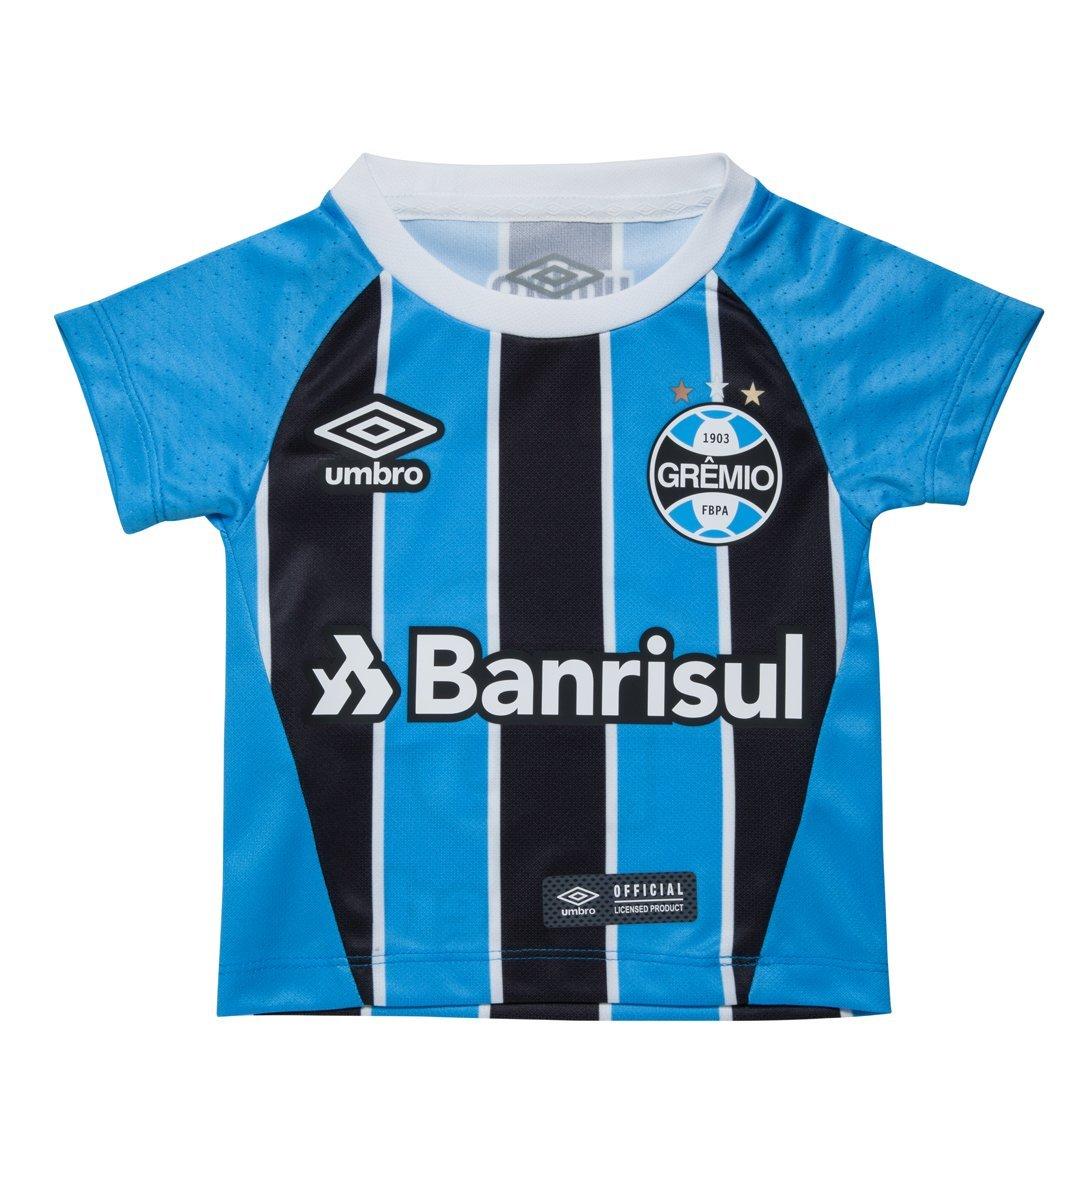 94f72bd9d Bizz Store - Camisa Oficial Umbro Grêmio 2017 Infantil Tricolor